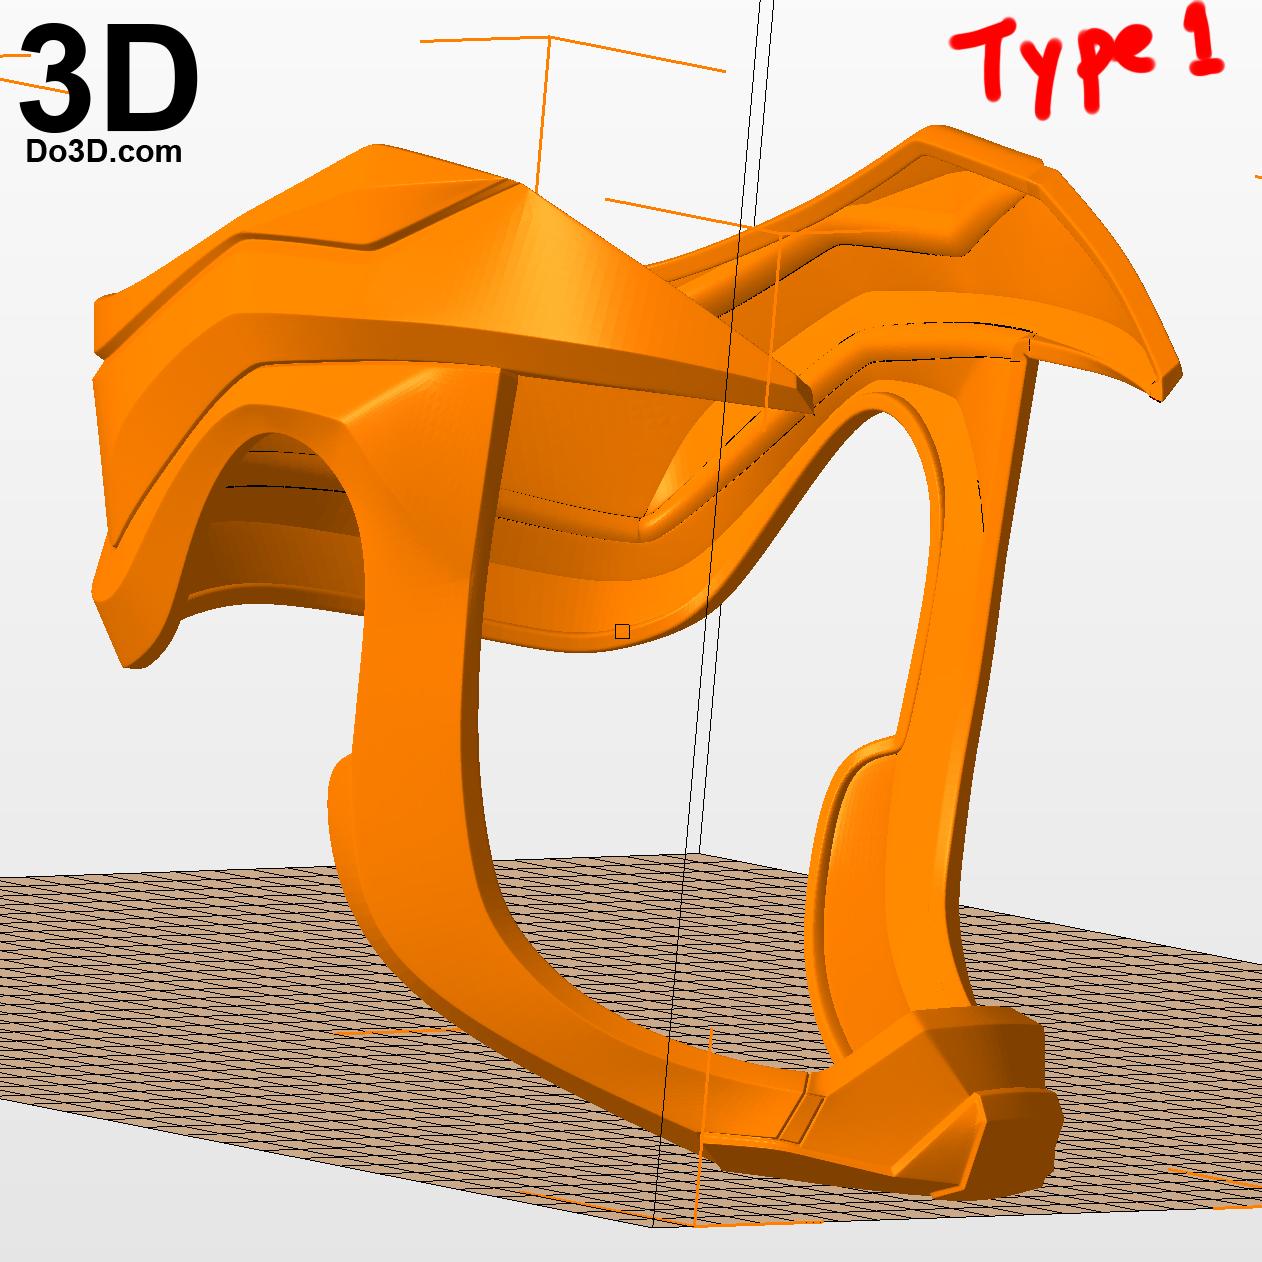 3D Printable Model: Superman Injustice 2 Helmet Crown Head